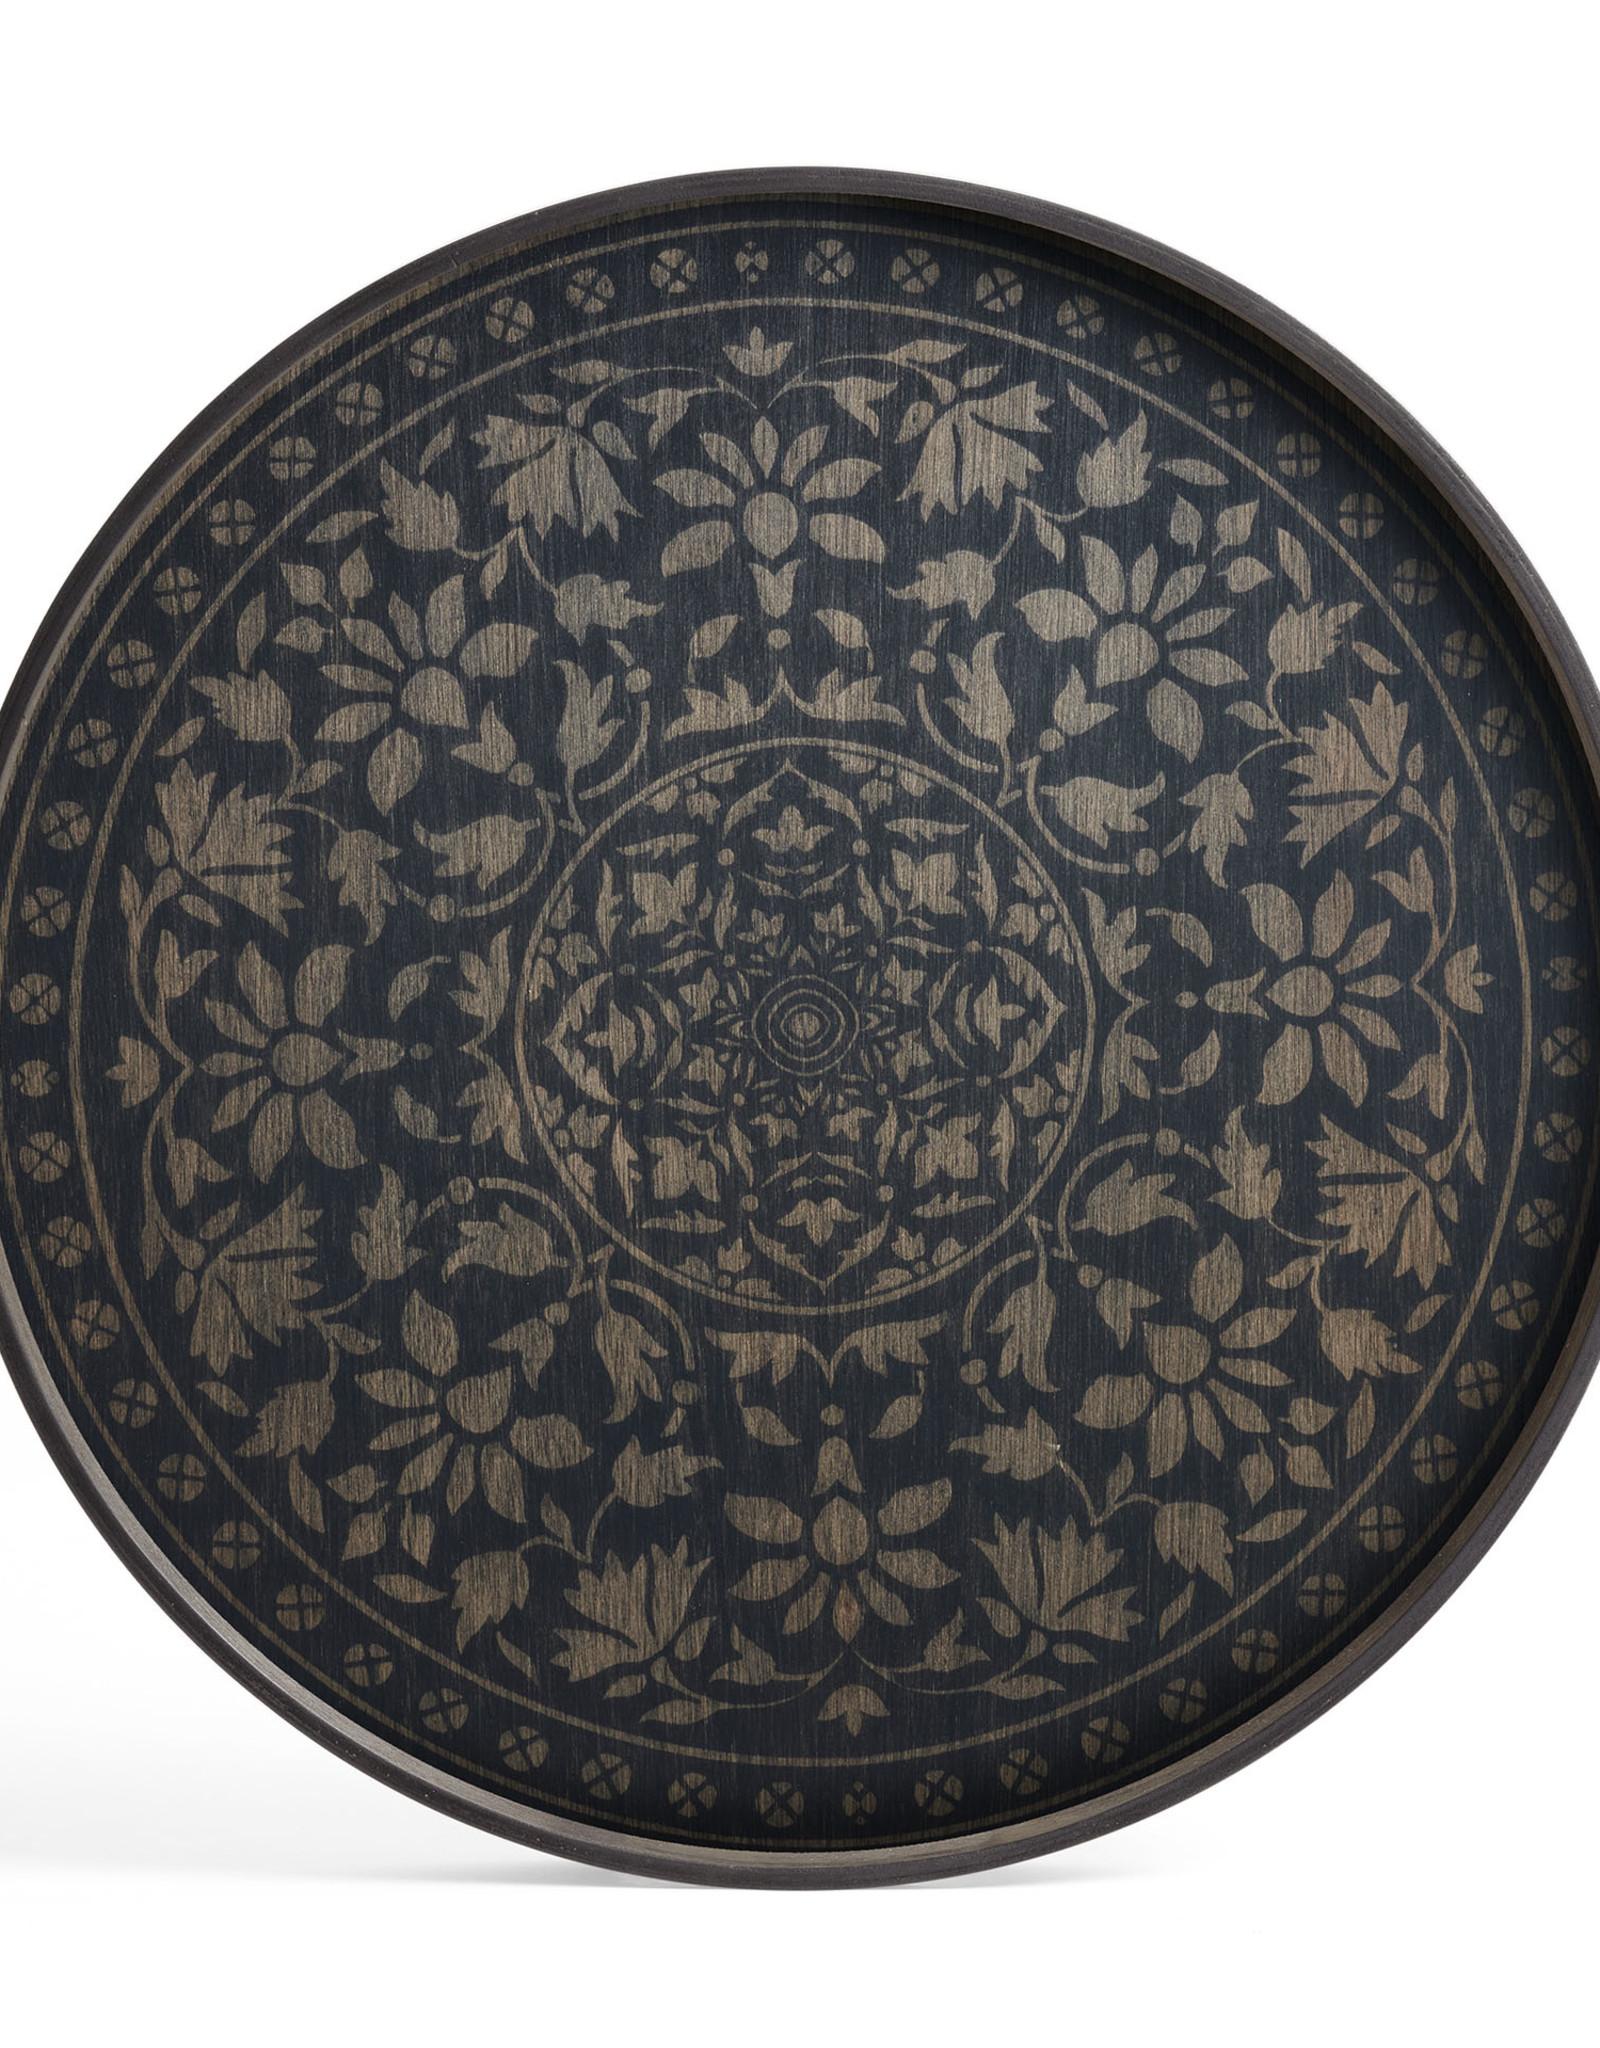 Black Marrakesh wooden tray - round - L 24 x 24 x 2